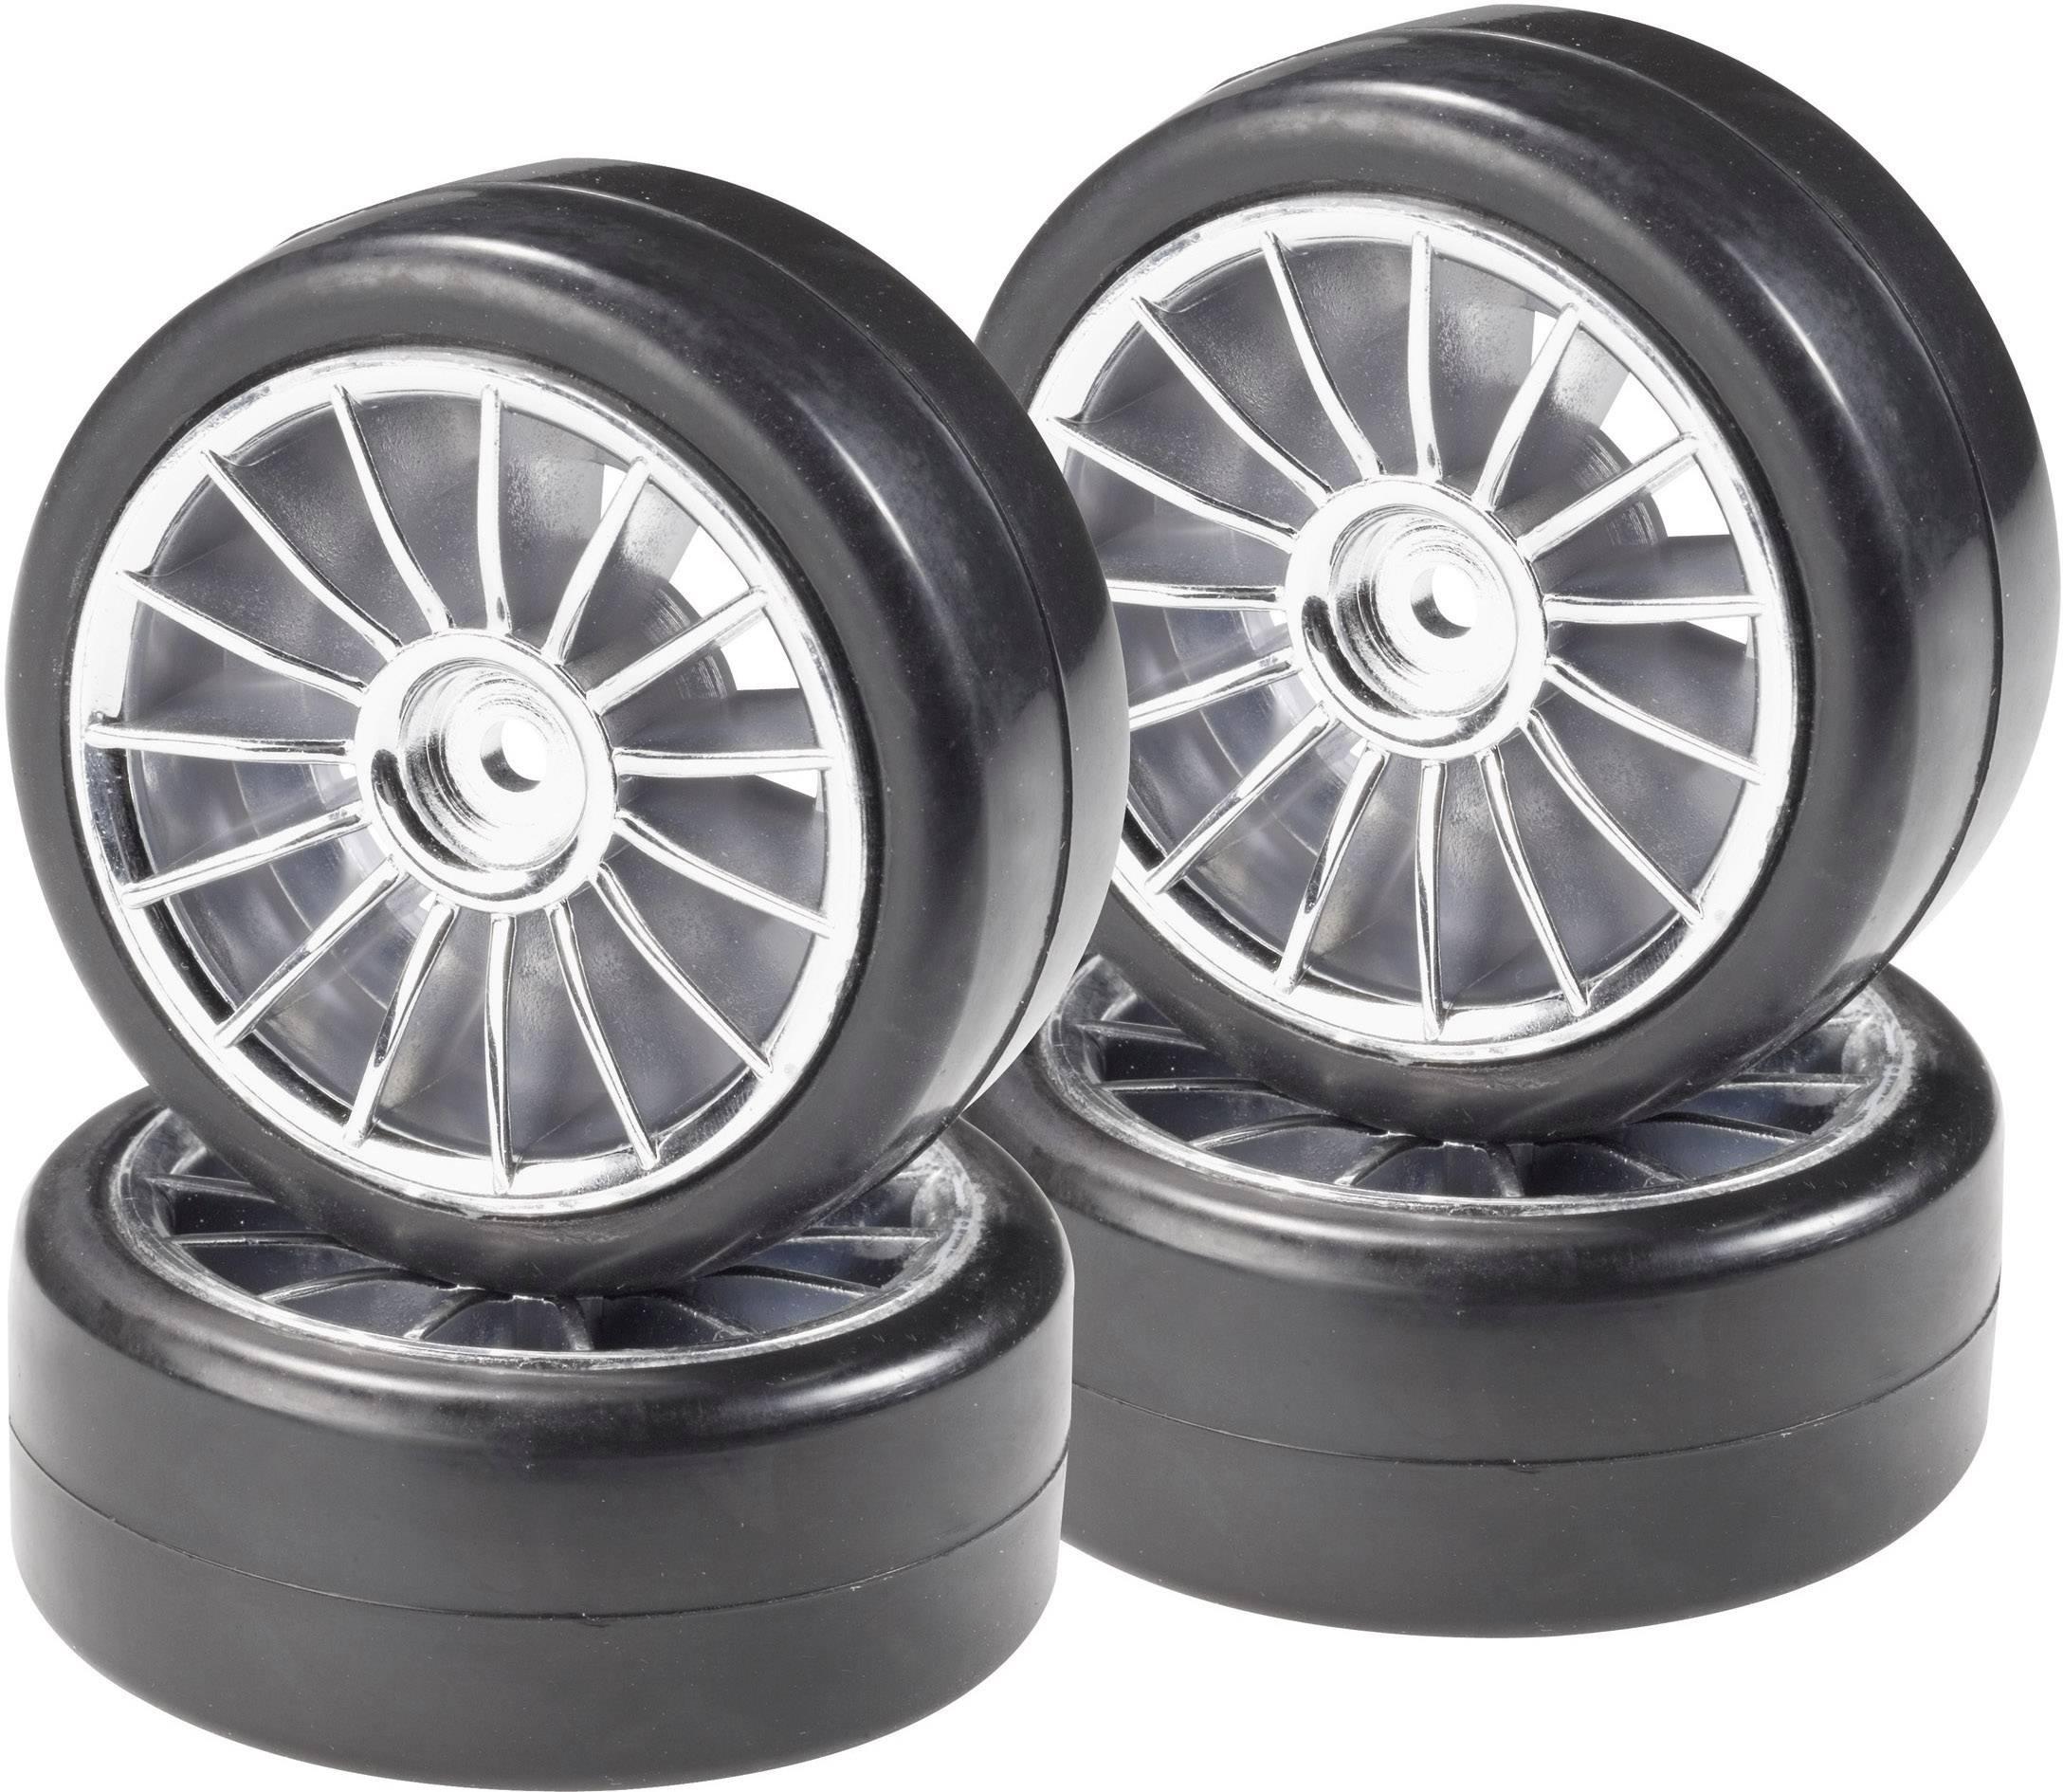 Kompletné kolesá Slick Reely 435c9 pre cestný model, 64 mm, 1:10, 4 ks, strieborná